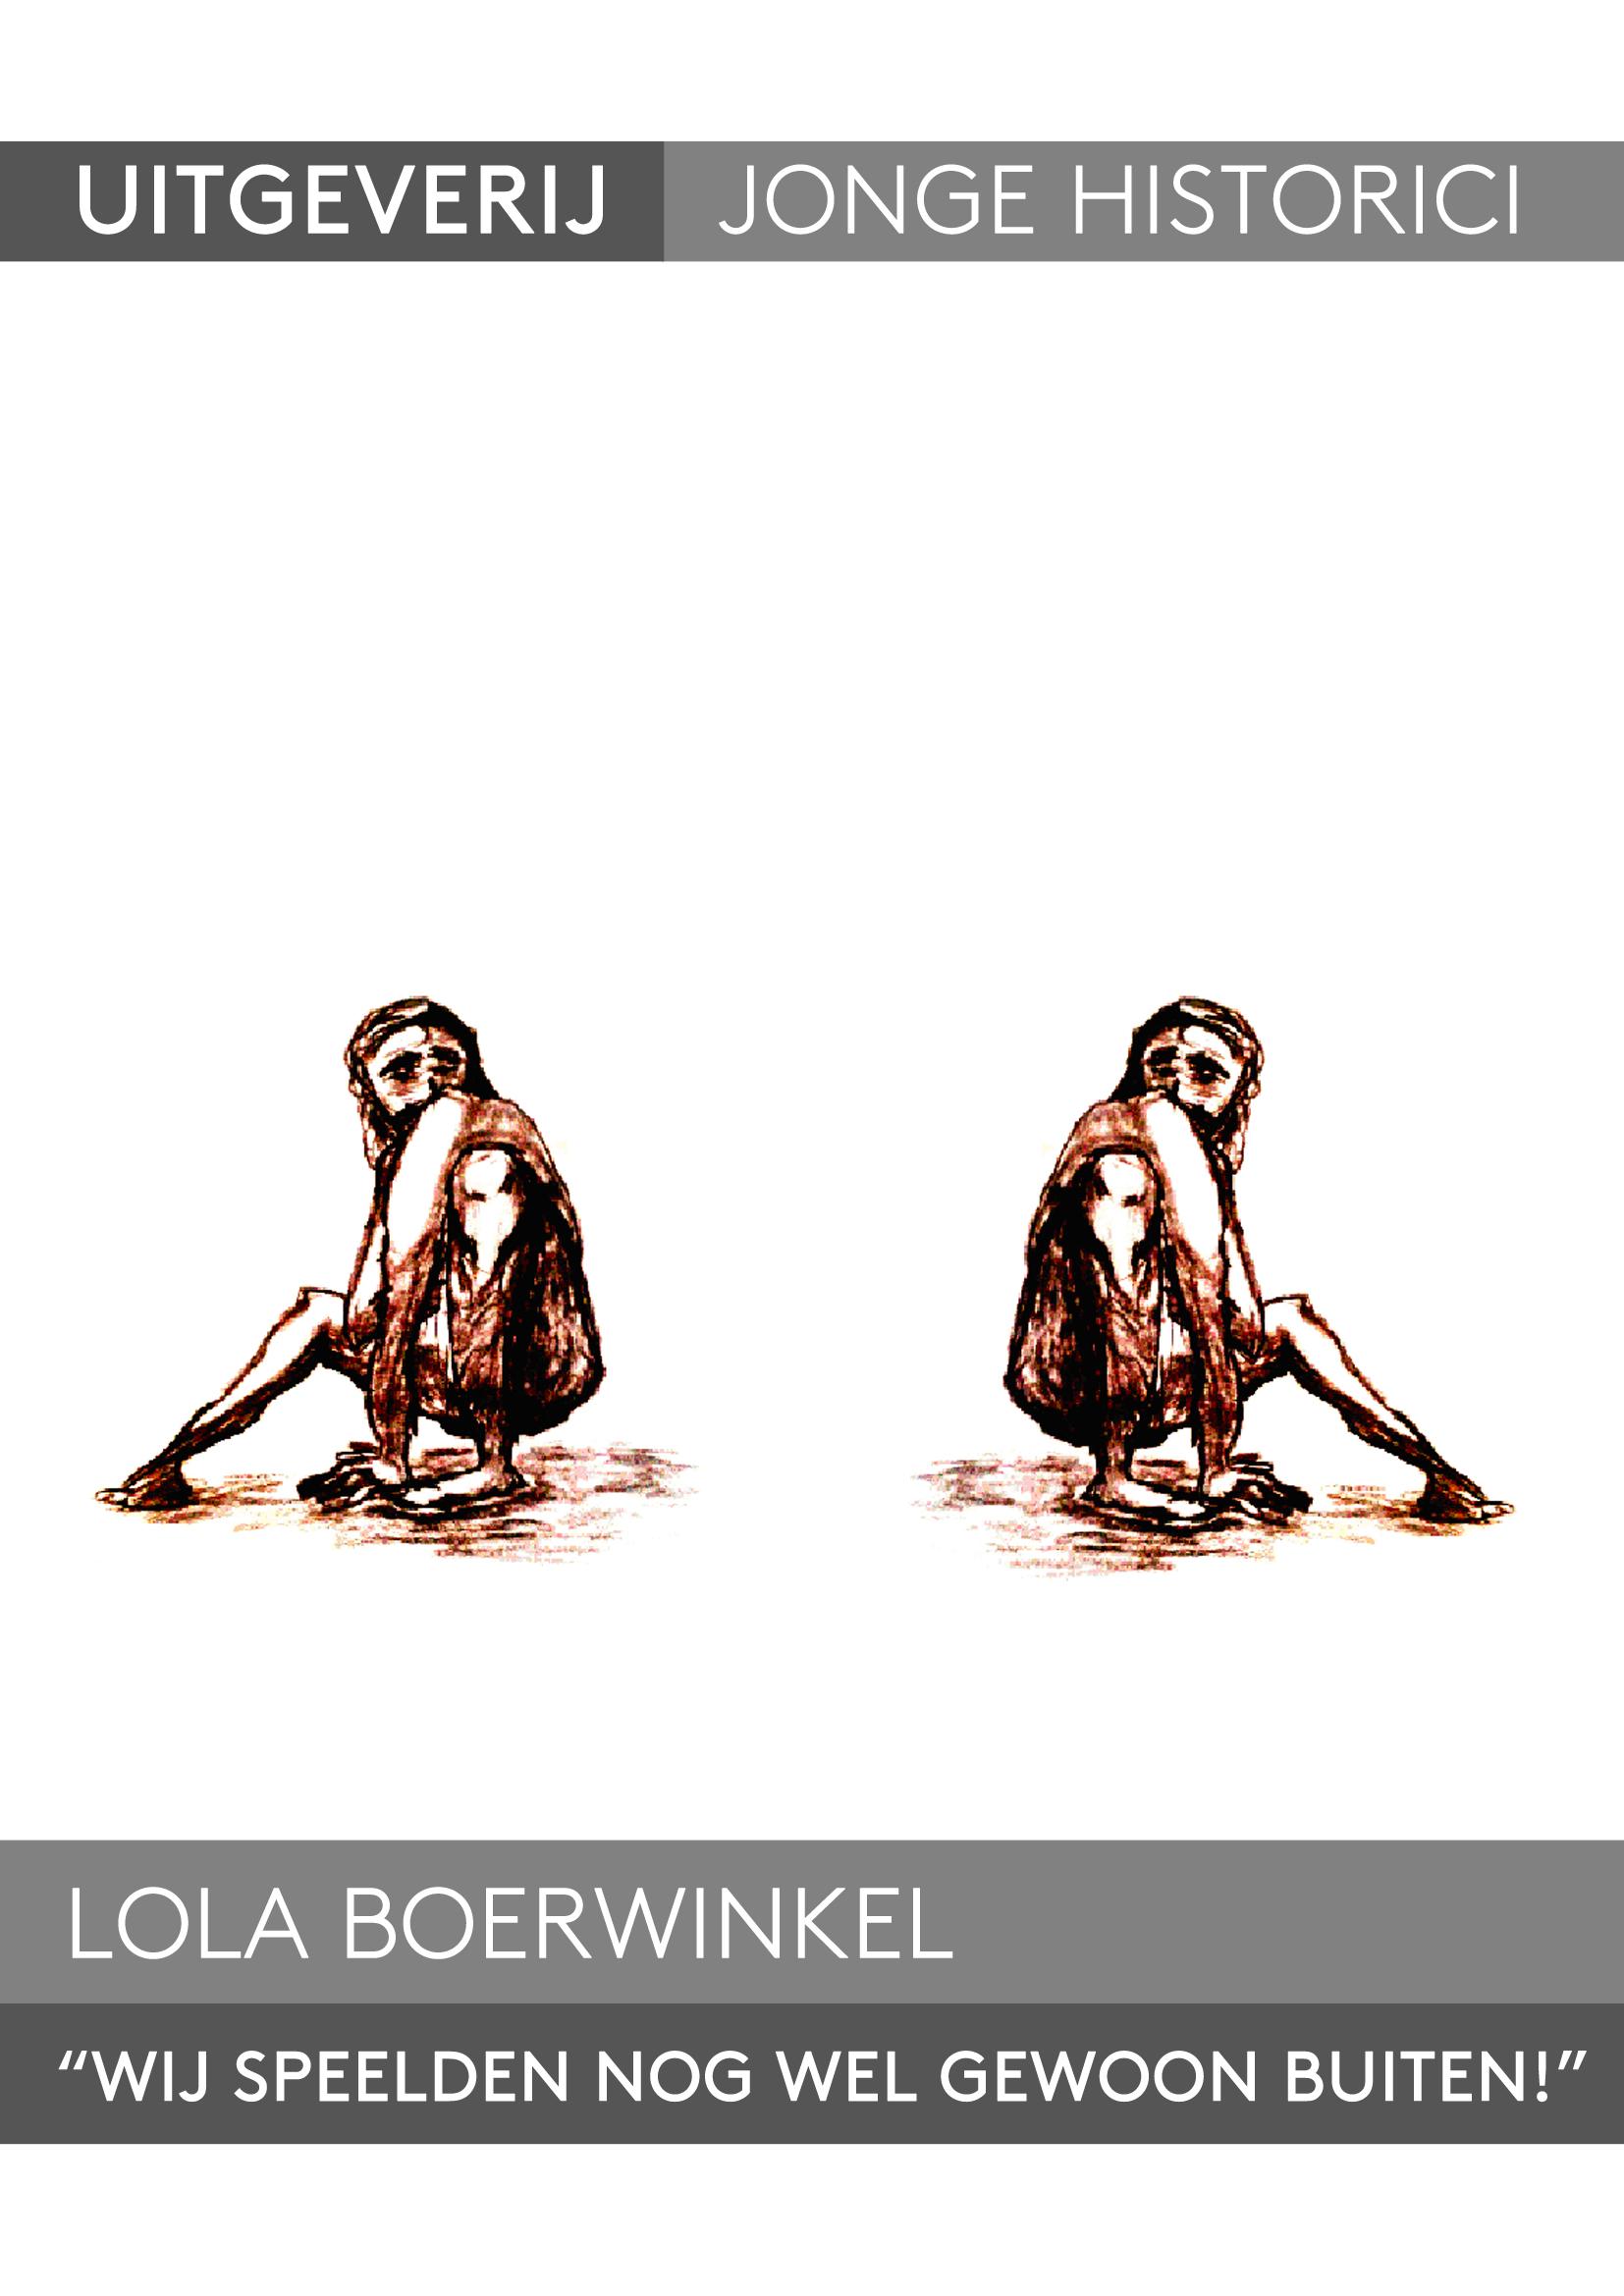 Lola Boerwinkel, 'Wij speelden nog wel gewoon buiten!' Een verkennend onderzoek naar de rol van het verleden binnen de identiteitsconstructie van de hoogopgeleide millennial.